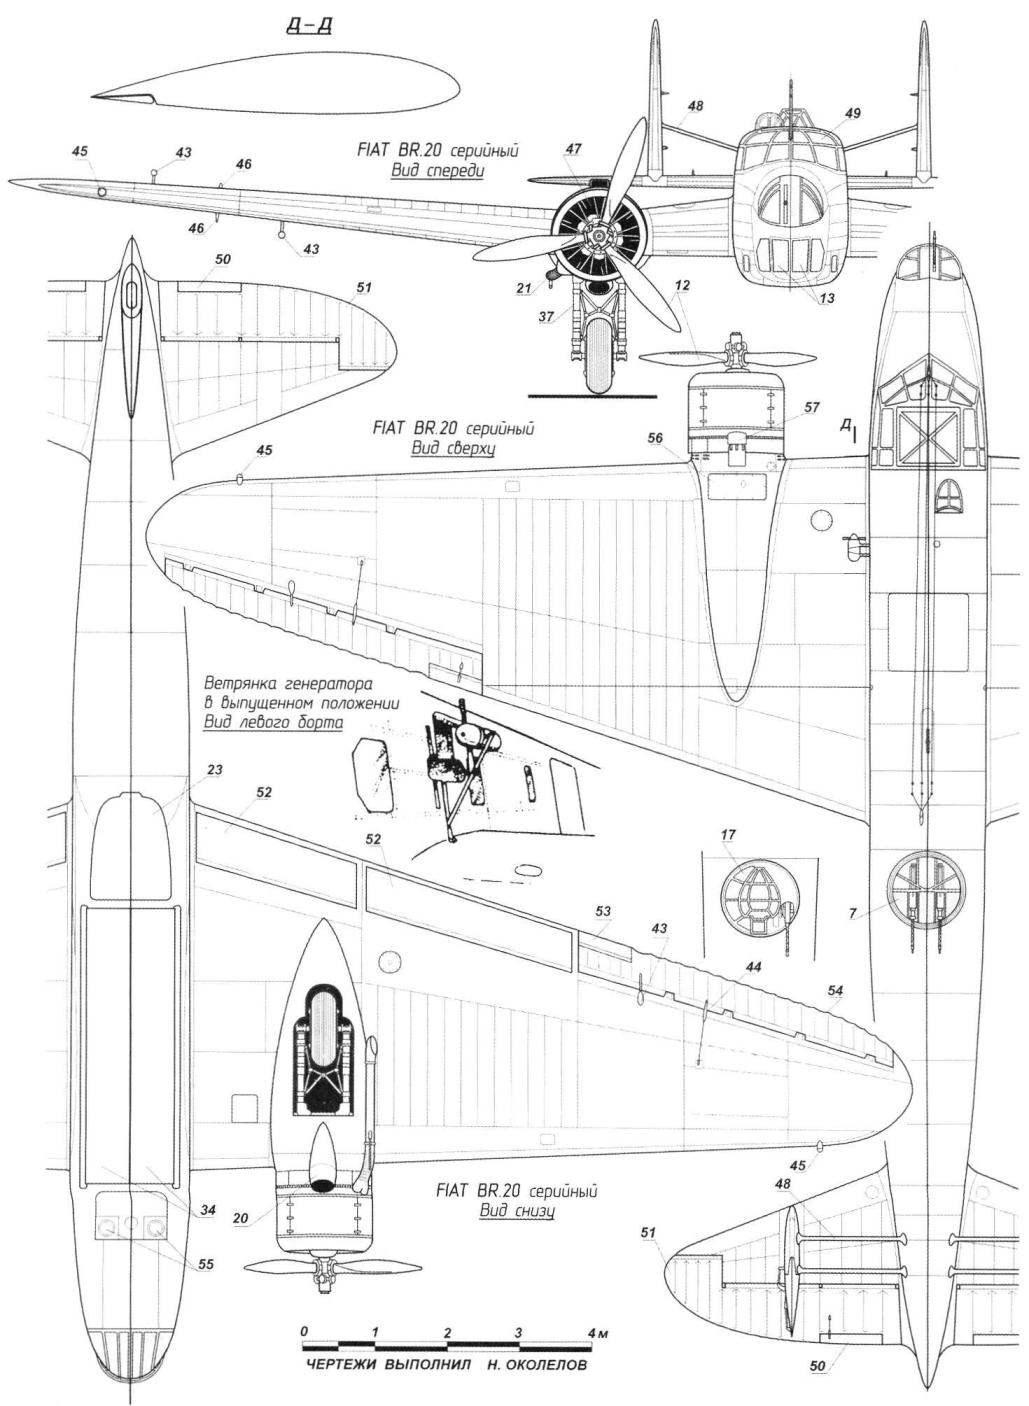 Bomber FIAT BR.20